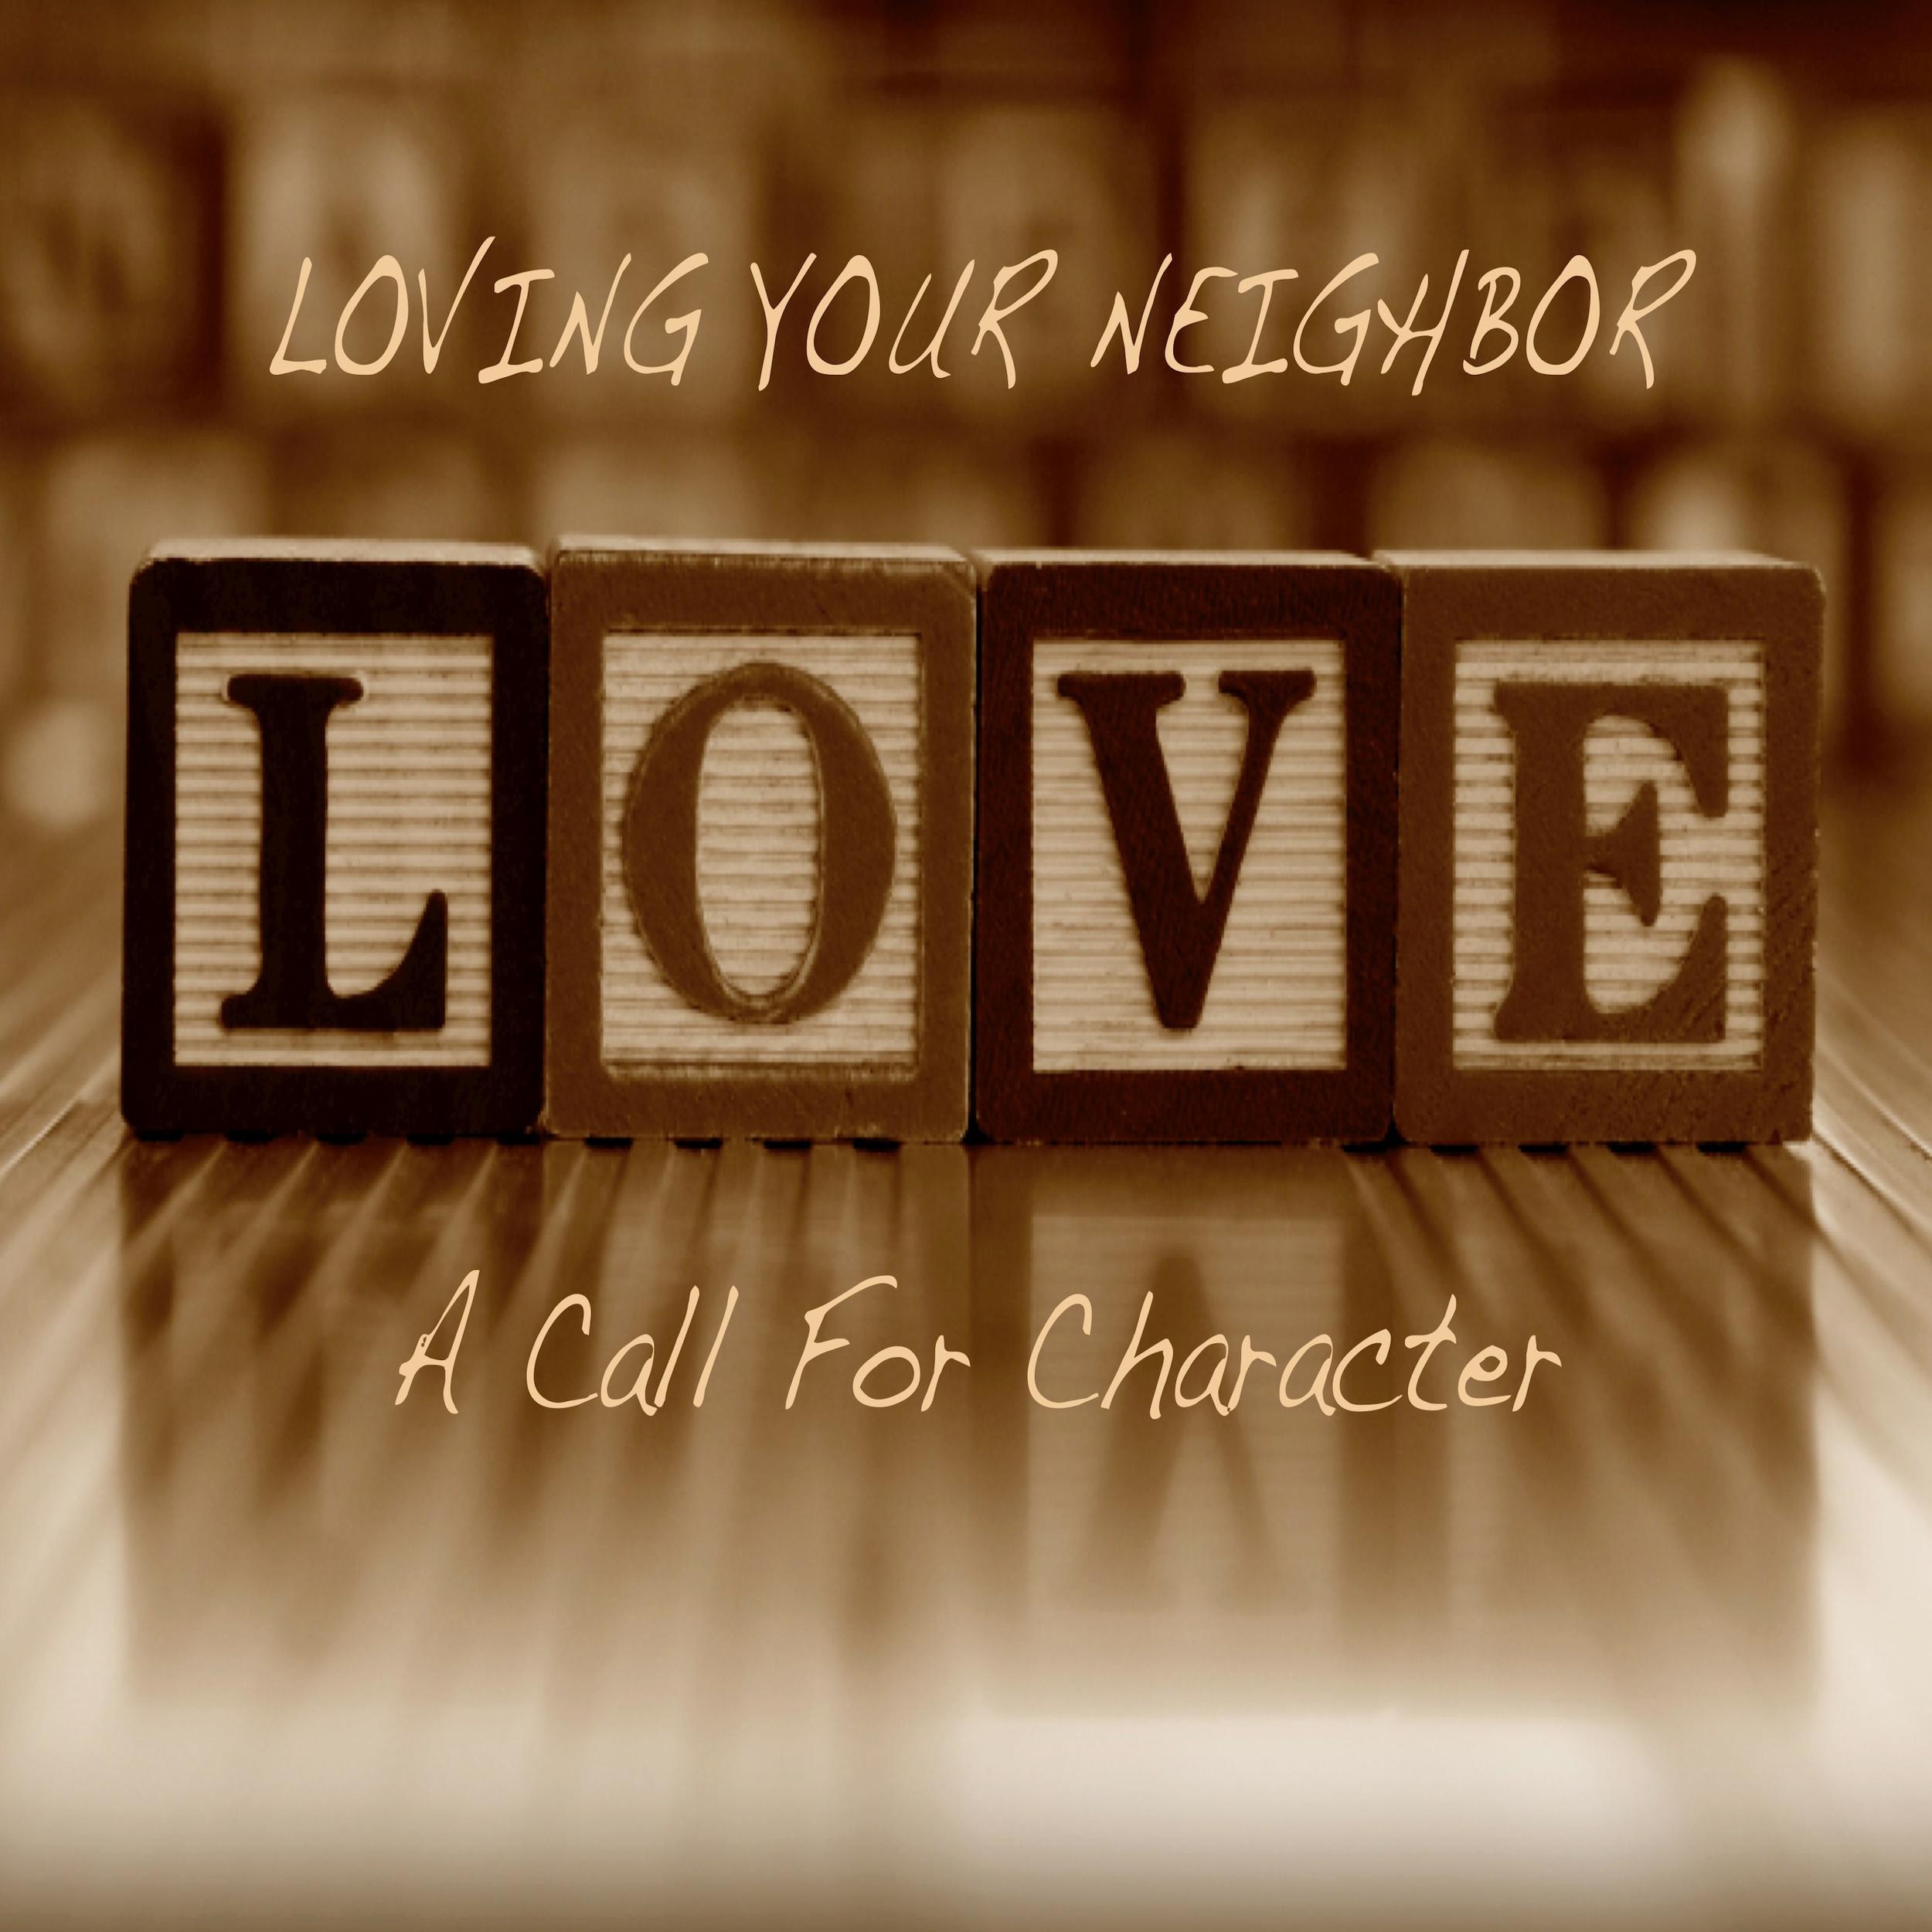 Loving Your Neighbor Cover Pic.jpg